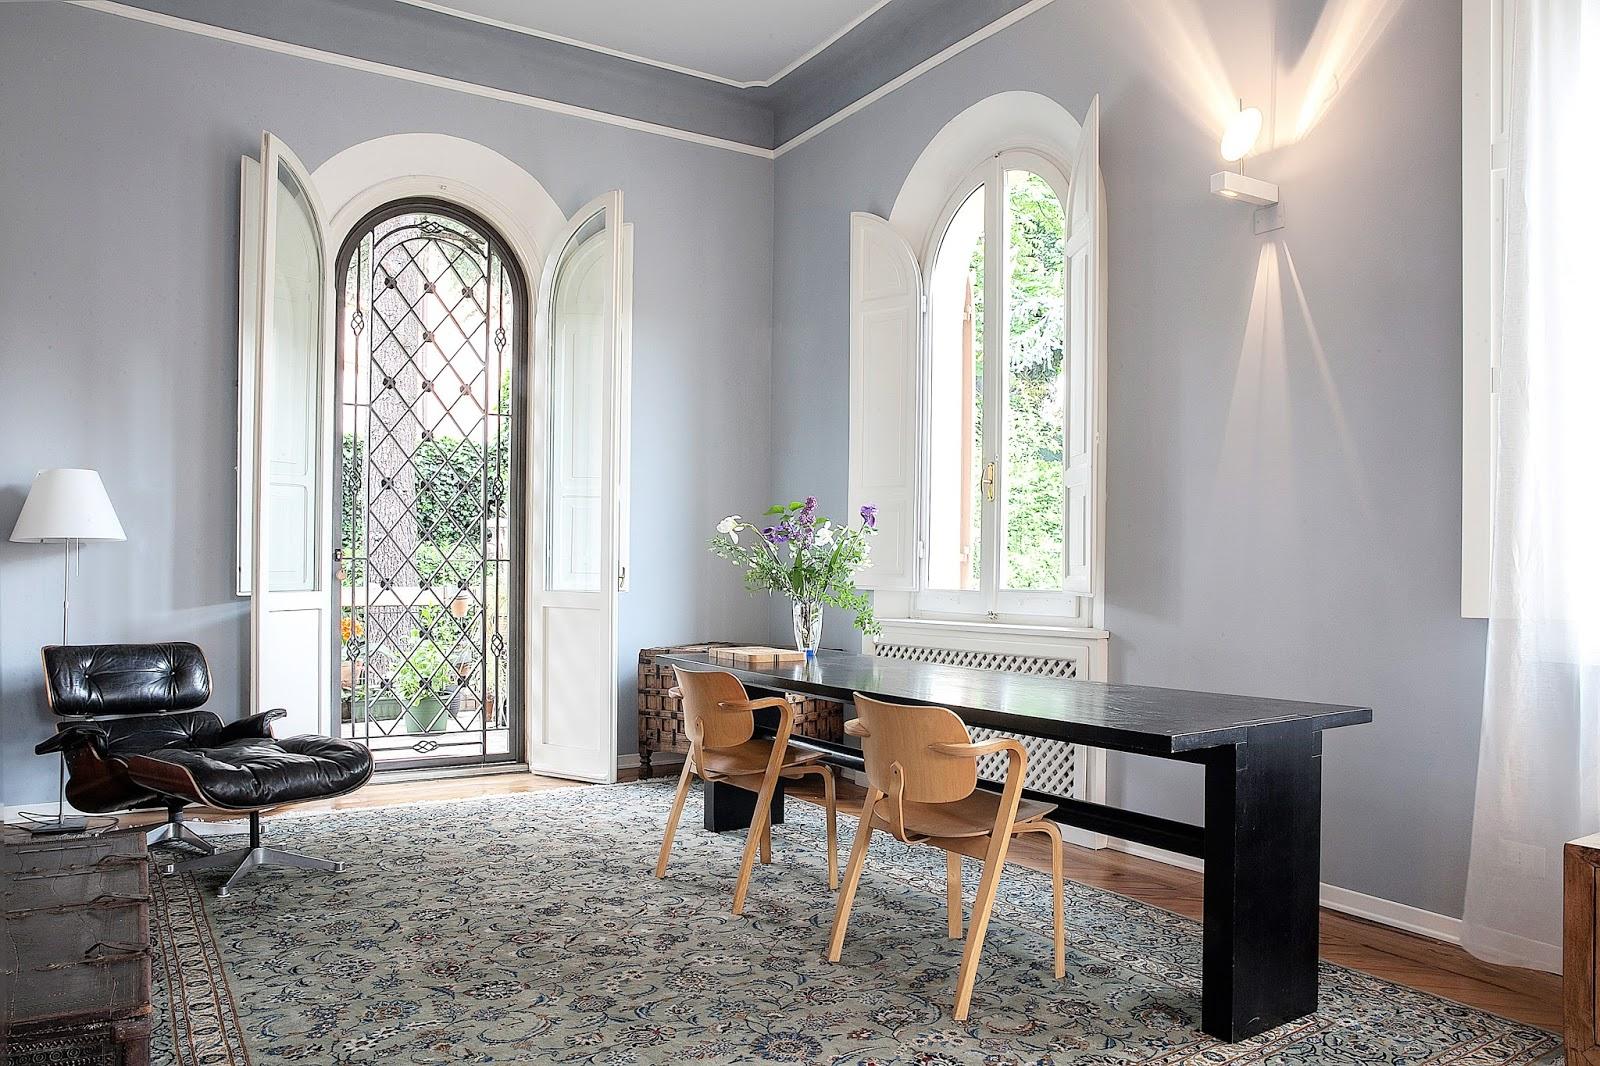 Abitazione in villa liberty ai piedi della collina for Piani di casa di 1600 piedi quadrati